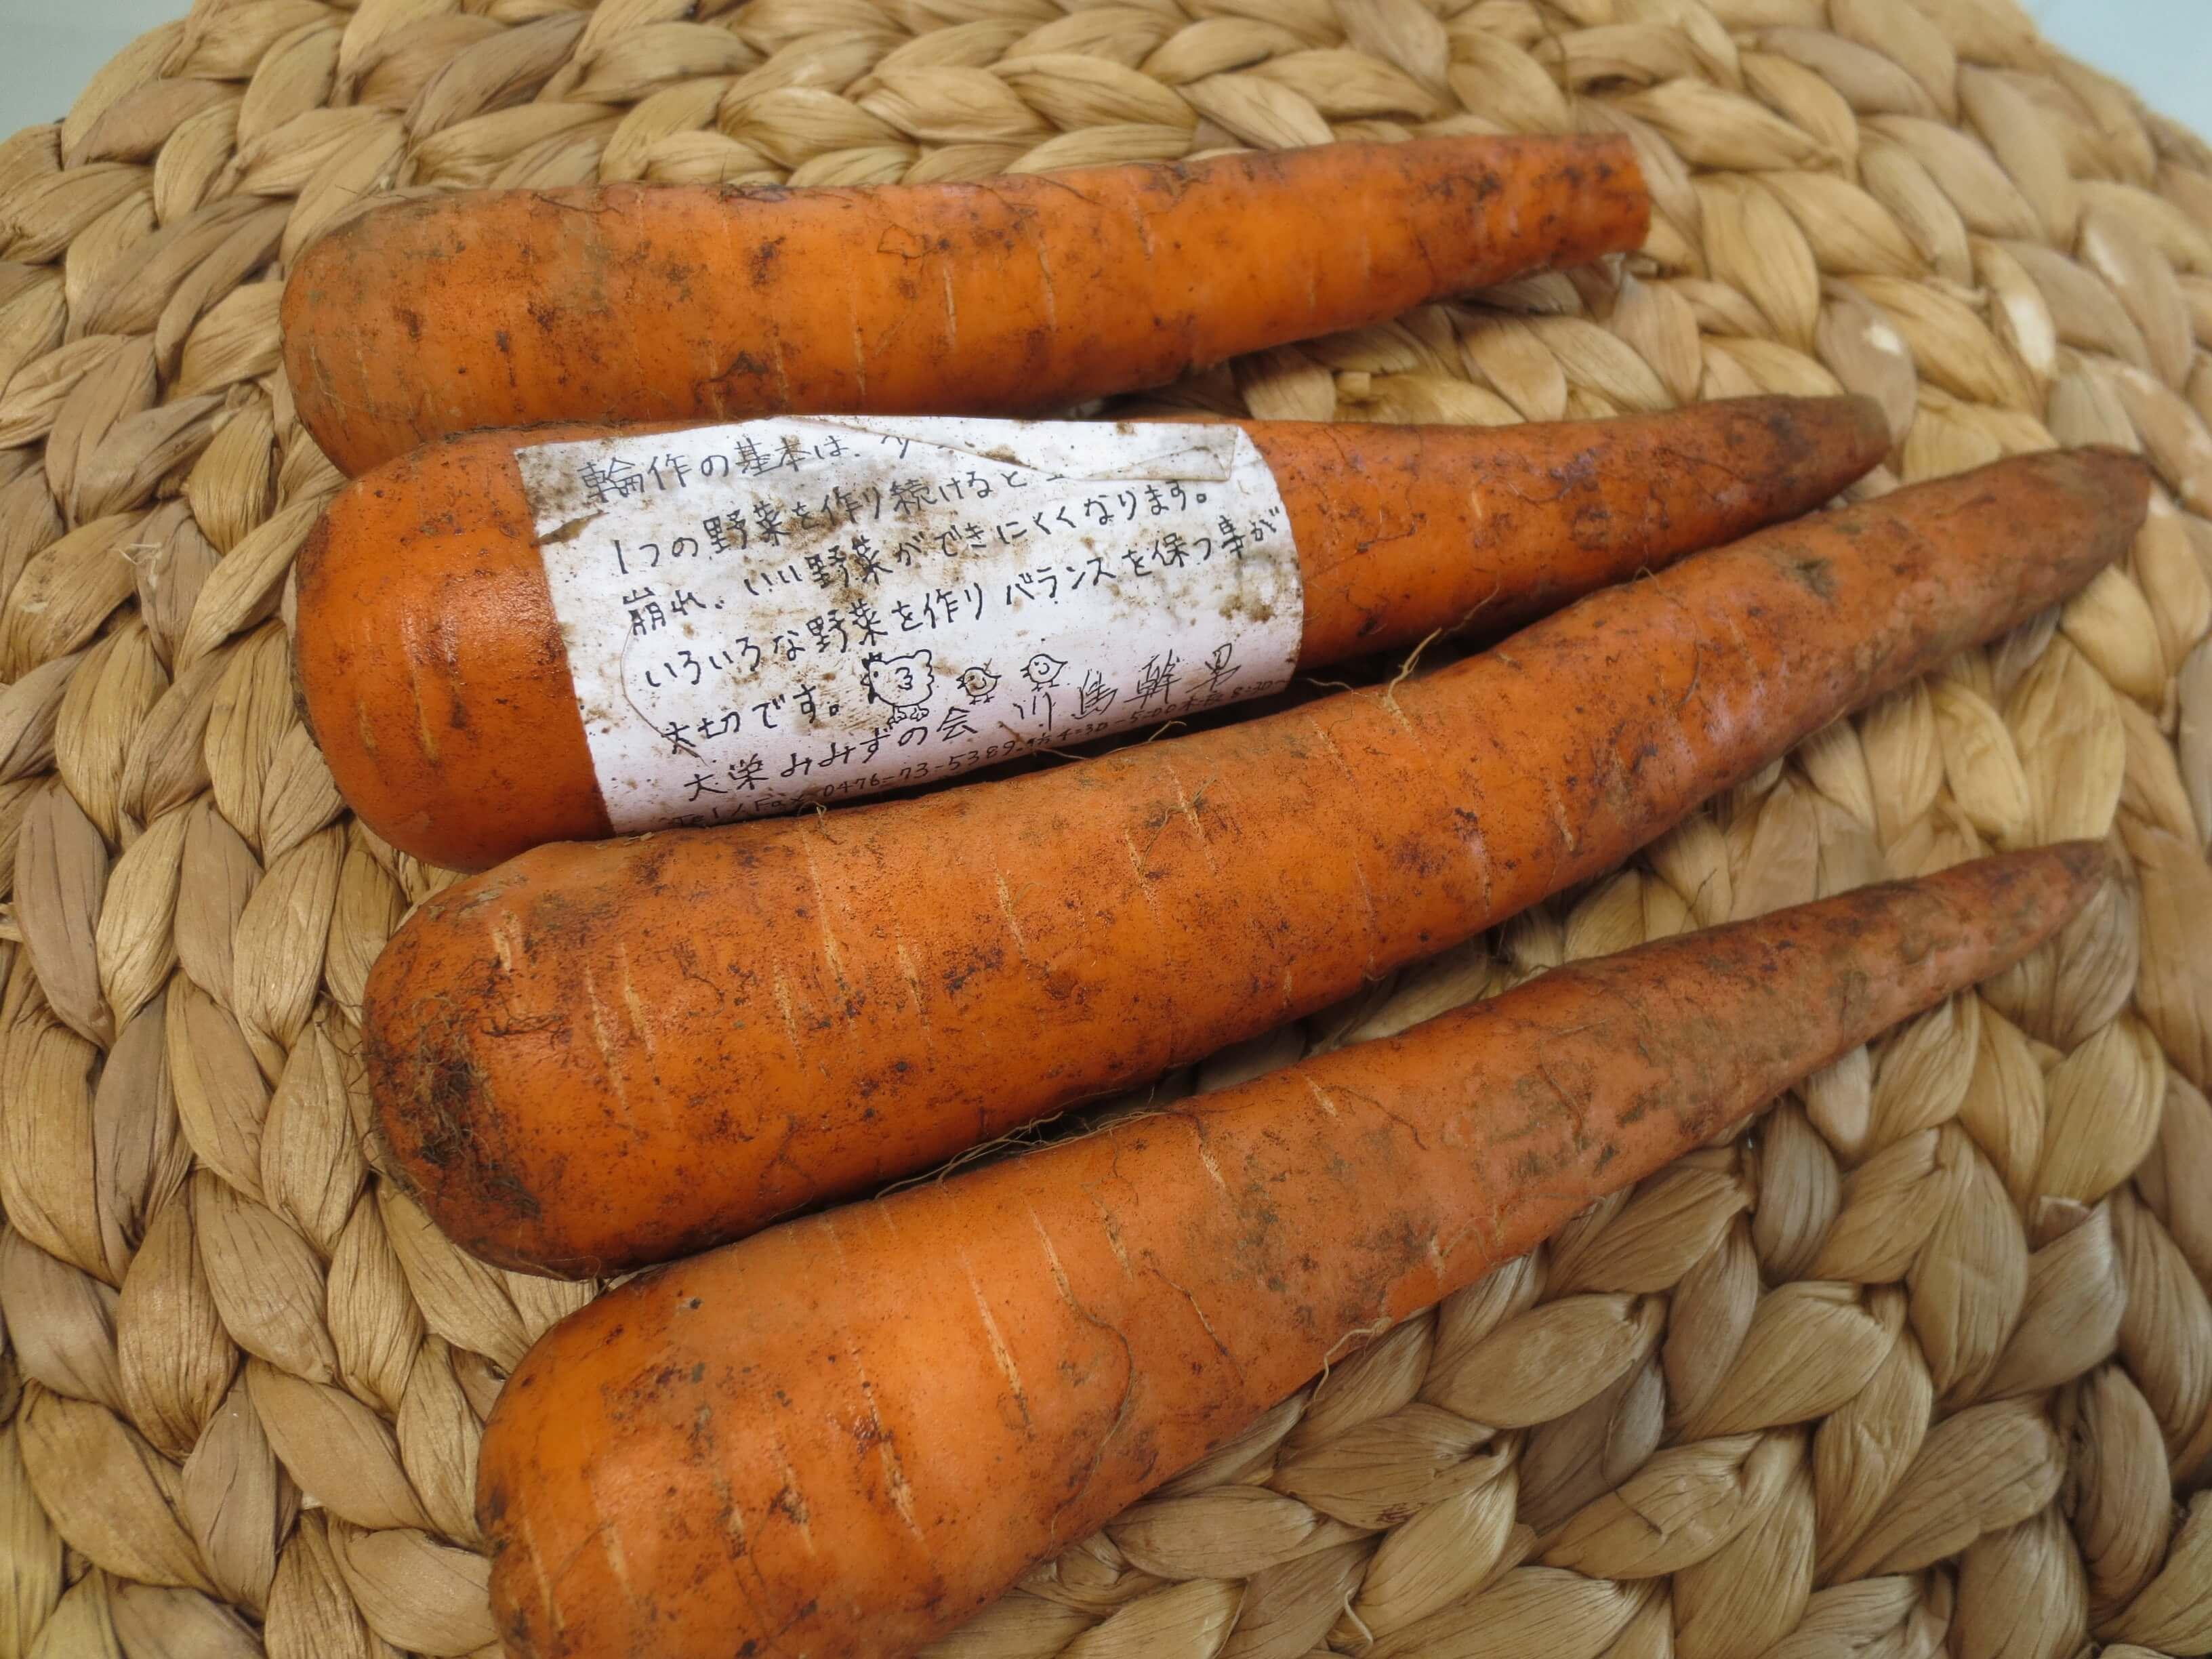 無農薬野菜のミレーお試しセット口コミ10